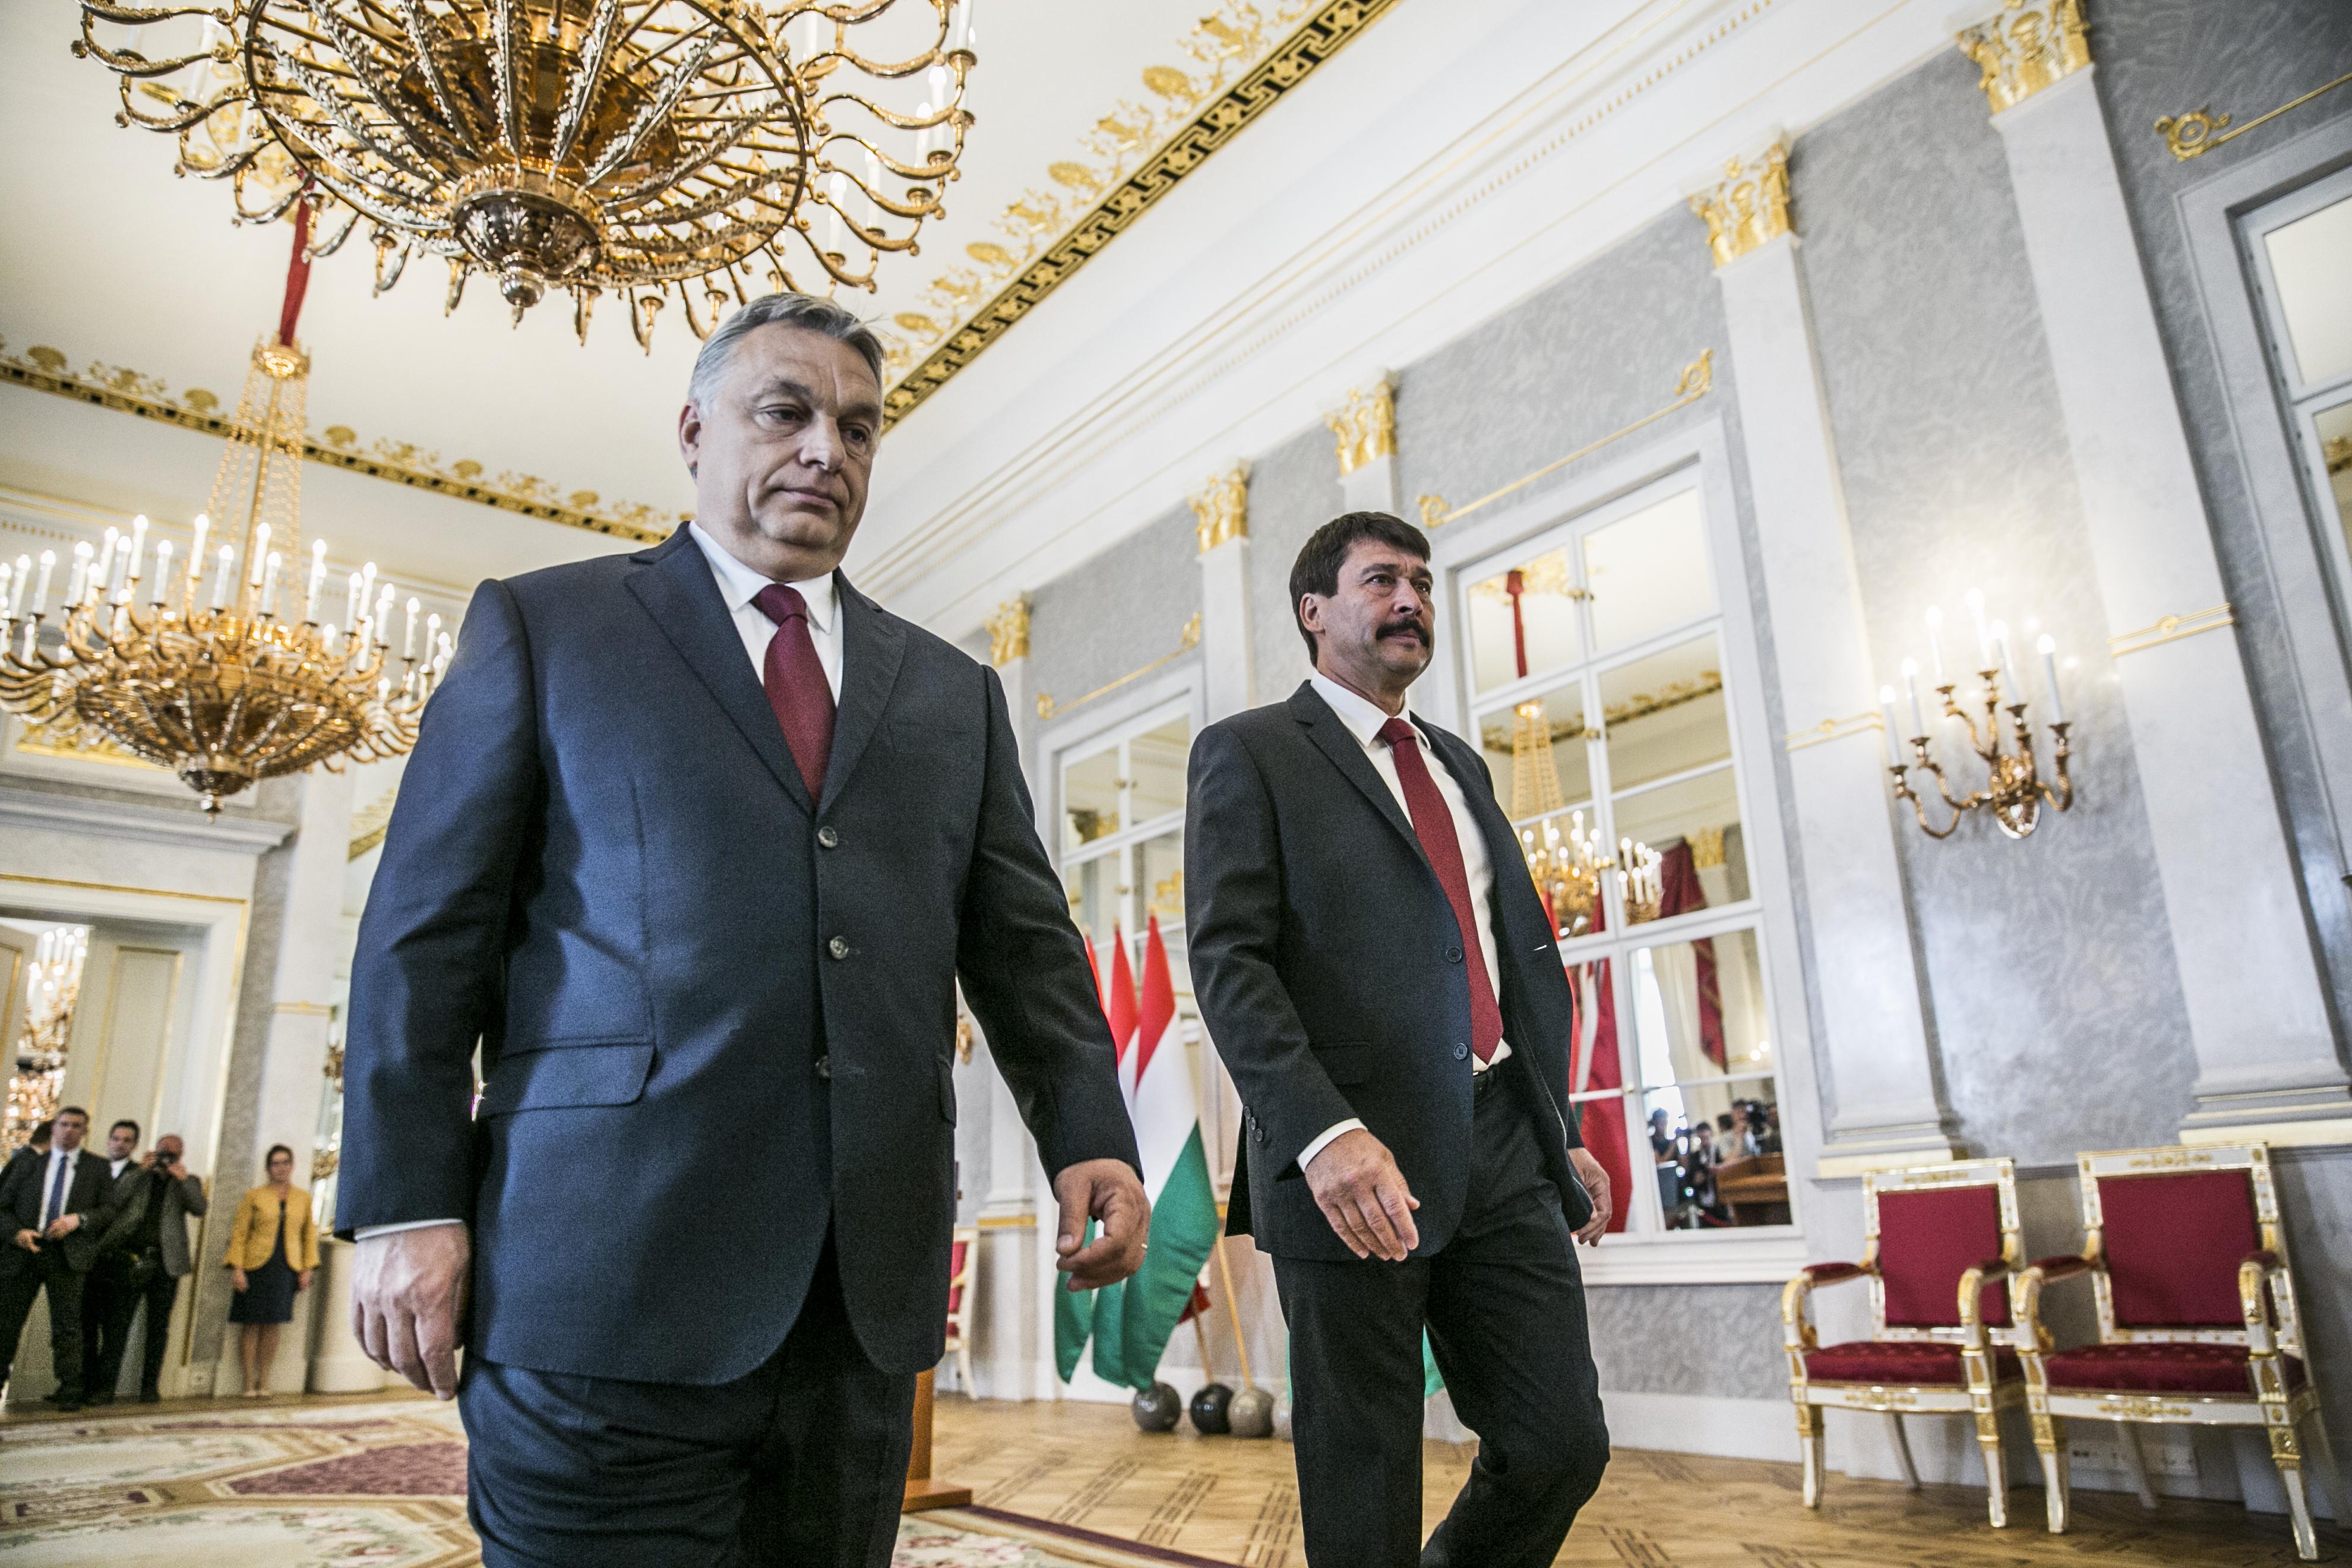 Váratlanul szigorították az országgyűlési képviselők belépését a Sándor-palotába